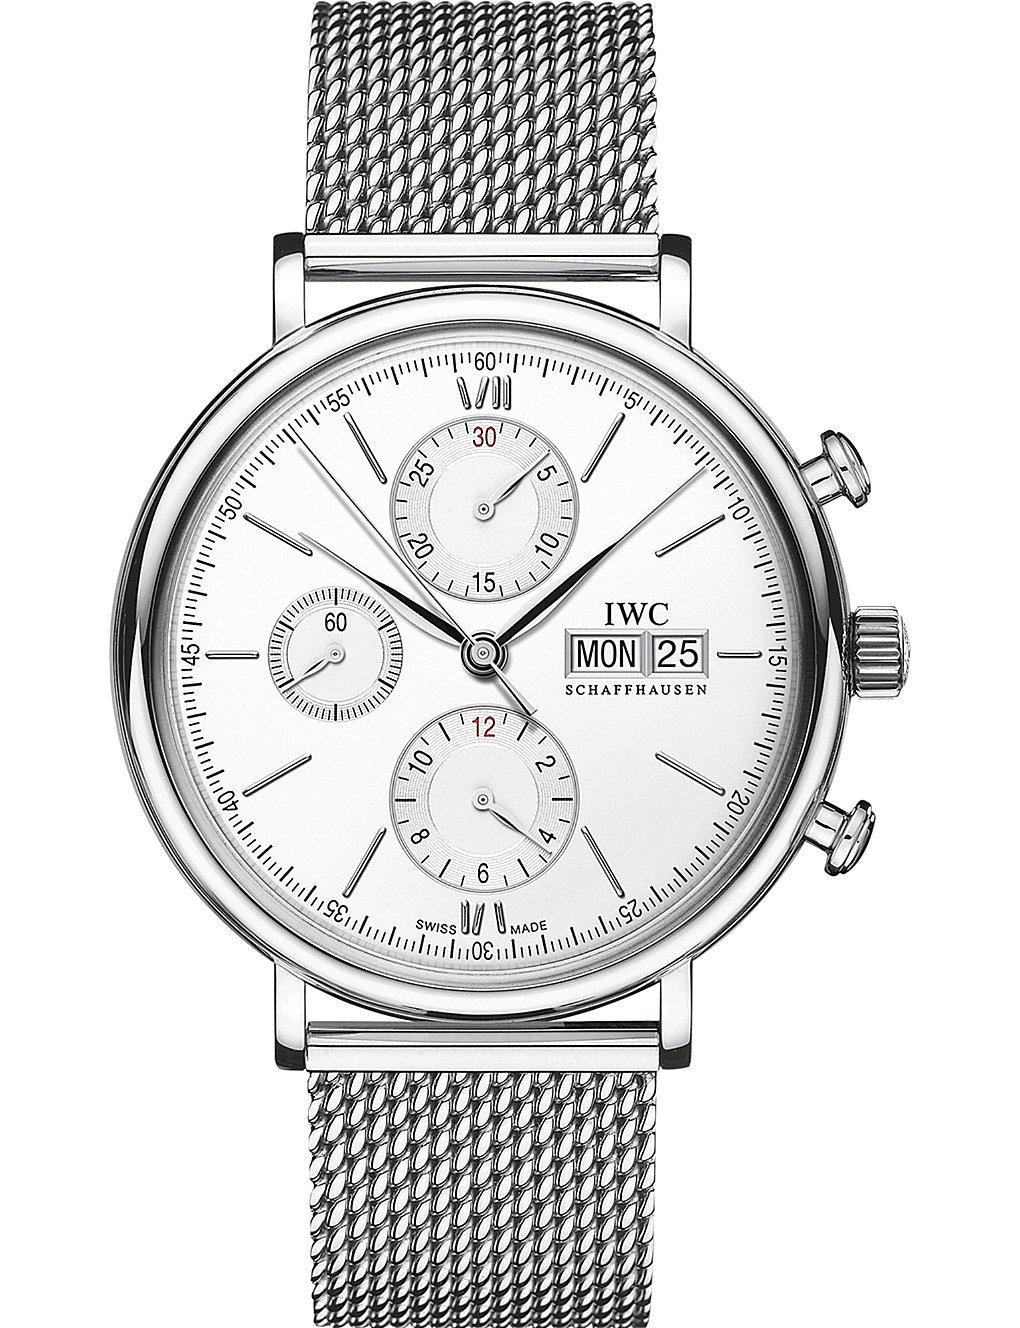 Iwa  мужские часы iwc в интернет-магазине будилкин.ру.